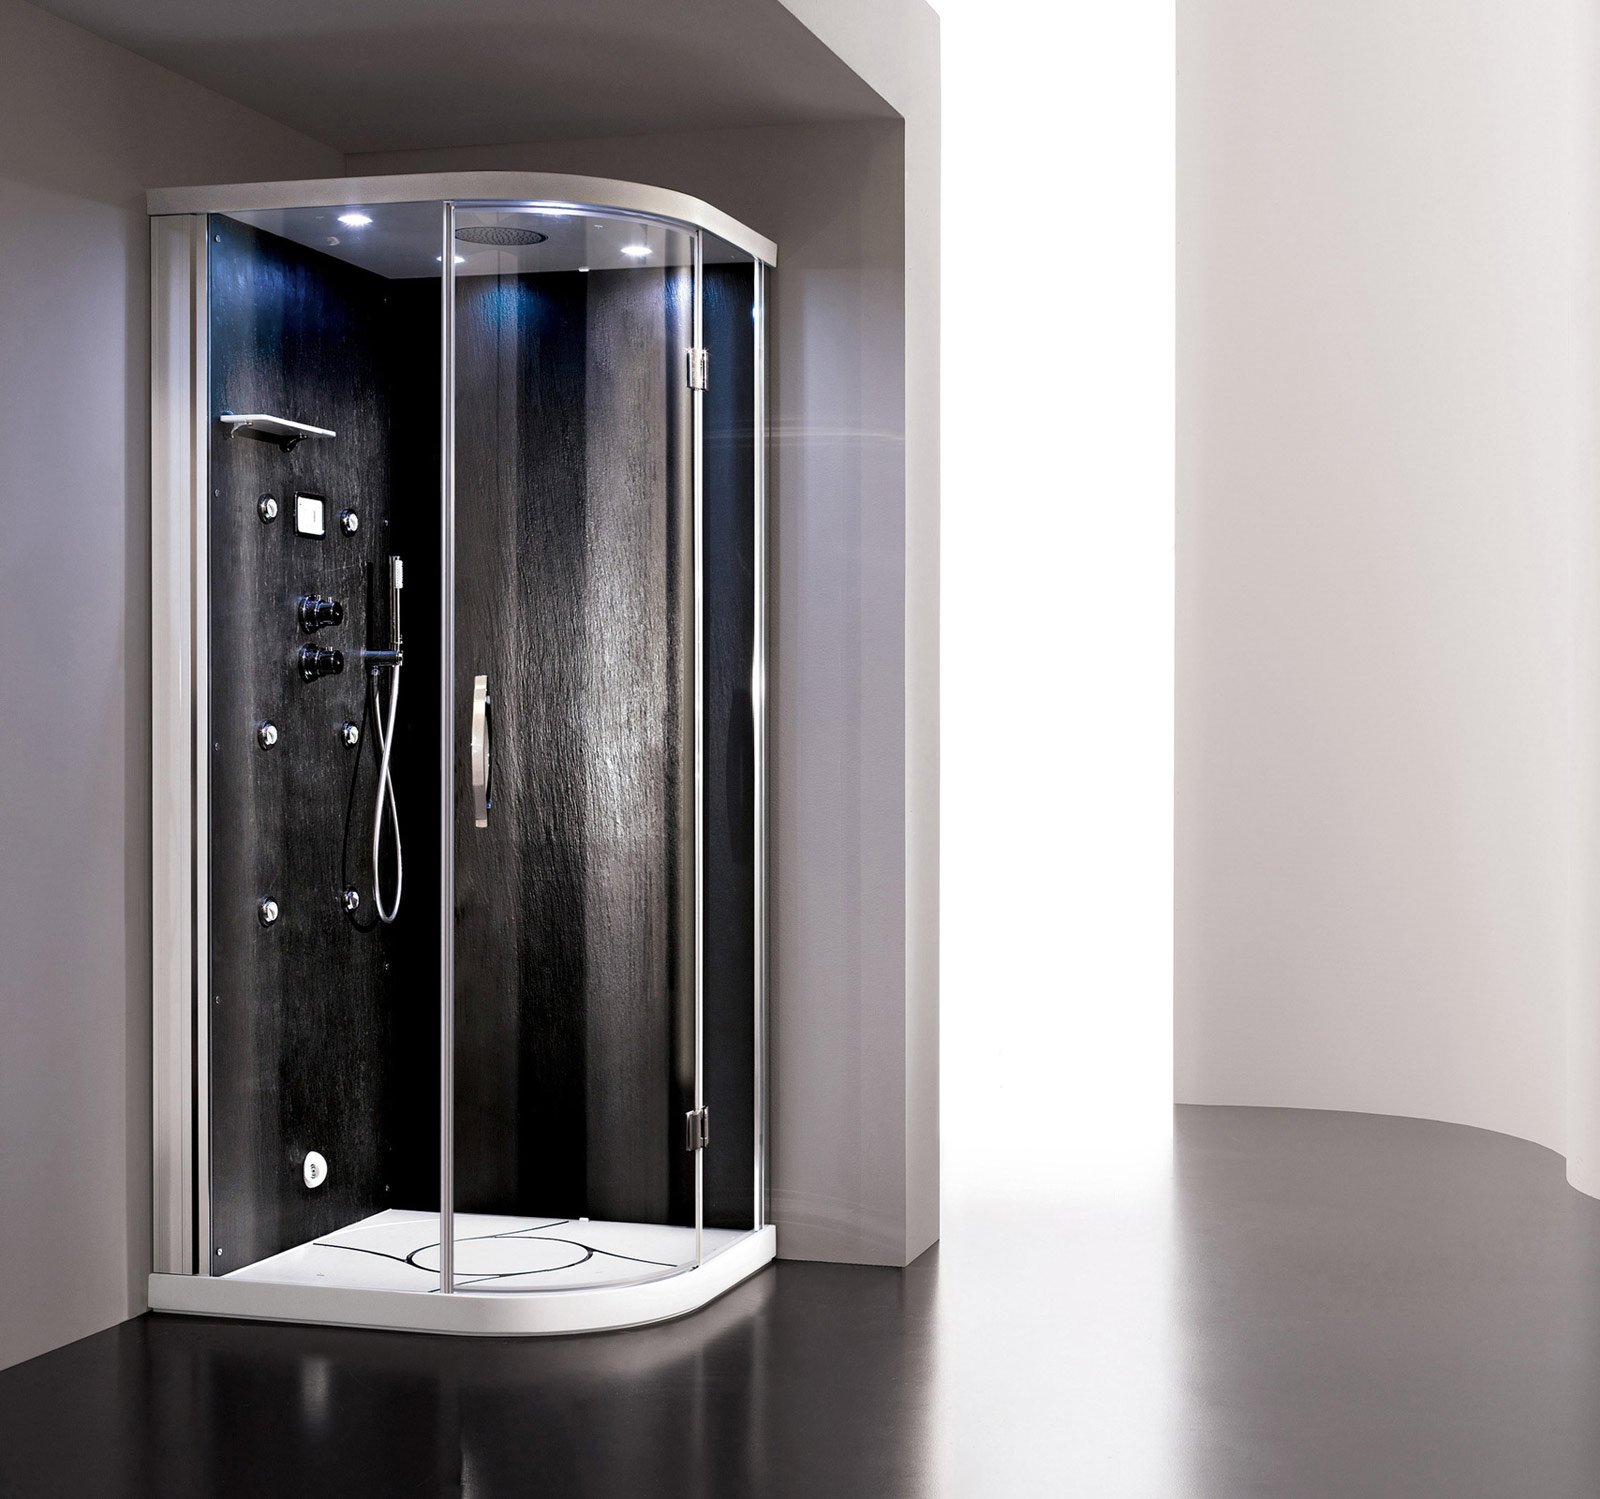 Bagno come attrezzarlo per il tuo benessere cose di casa - Acqua calda per andare in bagno ...